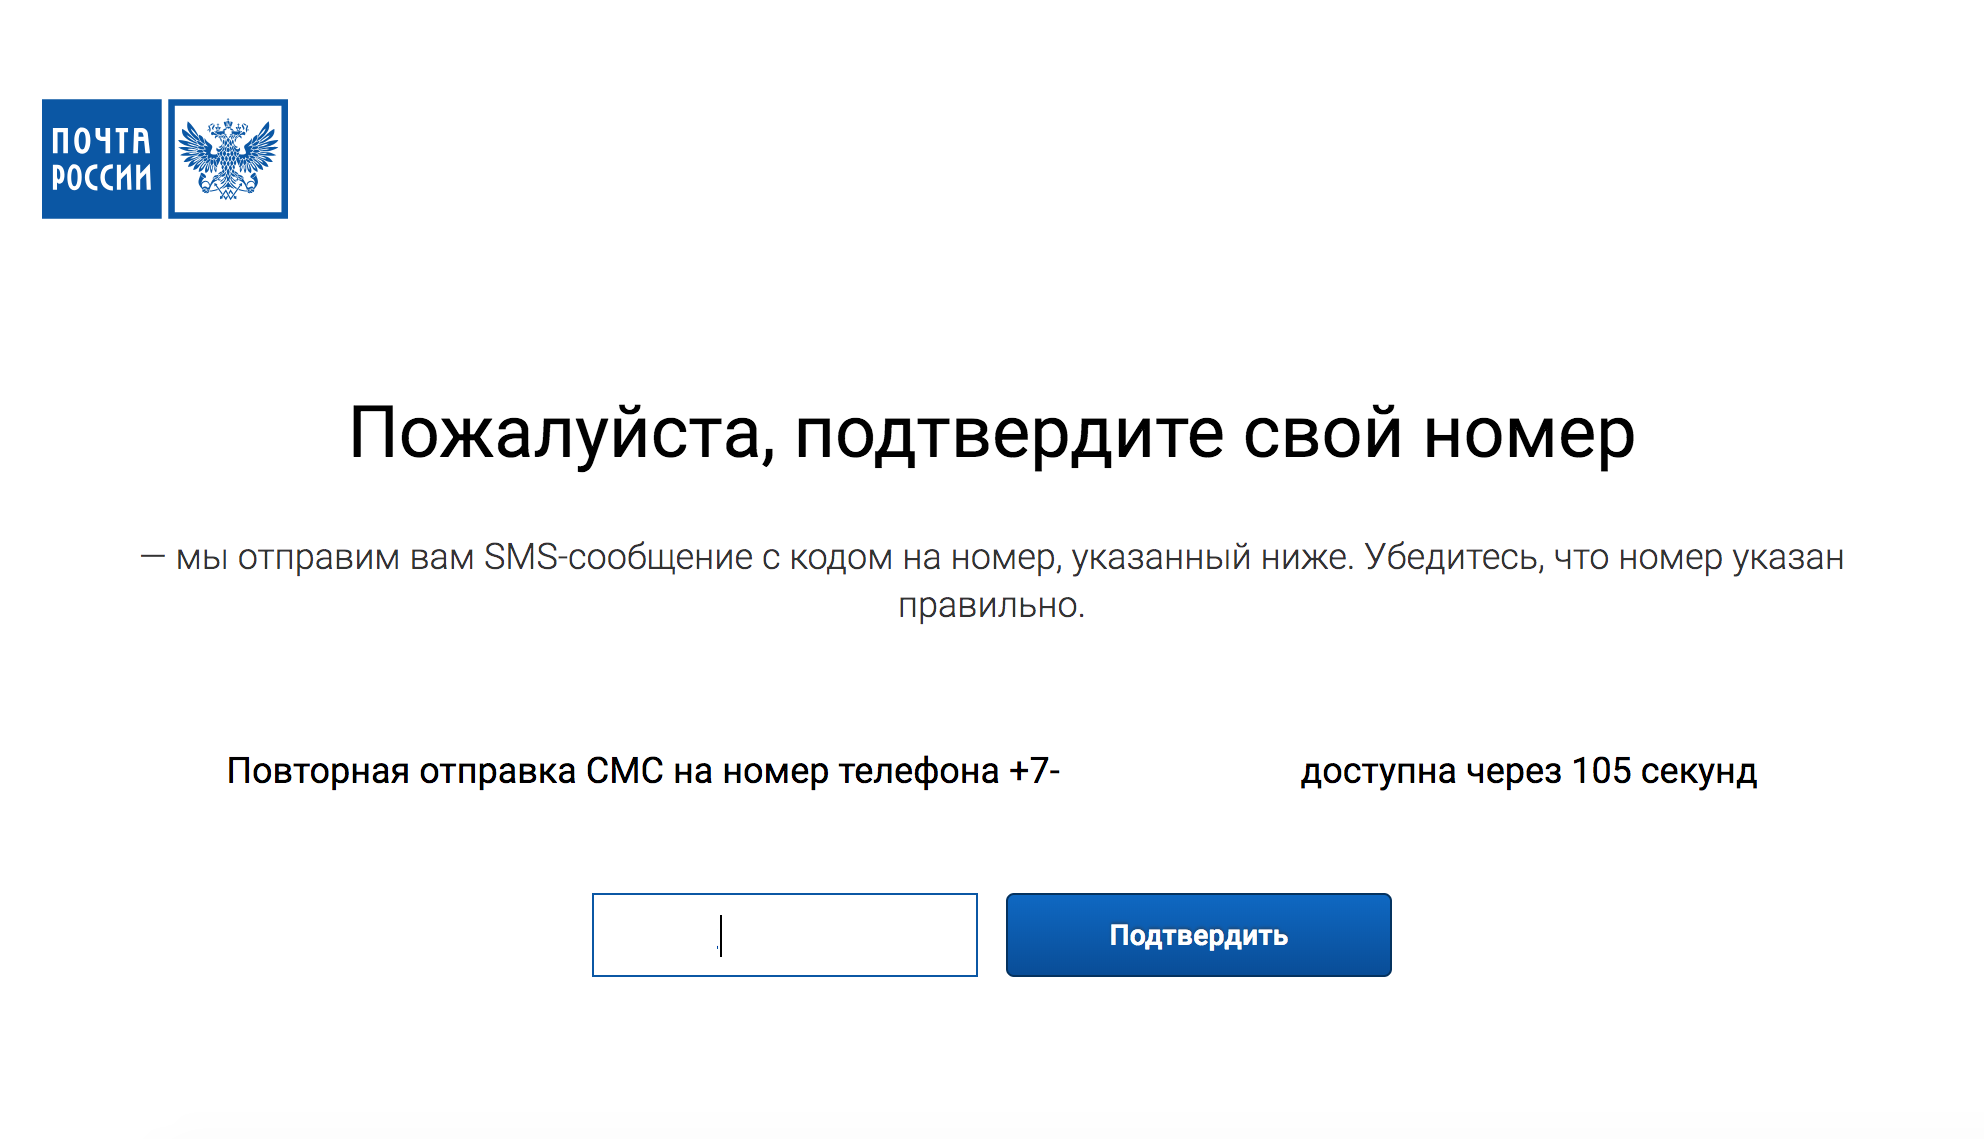 Оформление услуги ускоренного получения отправлений на сайте Почты России